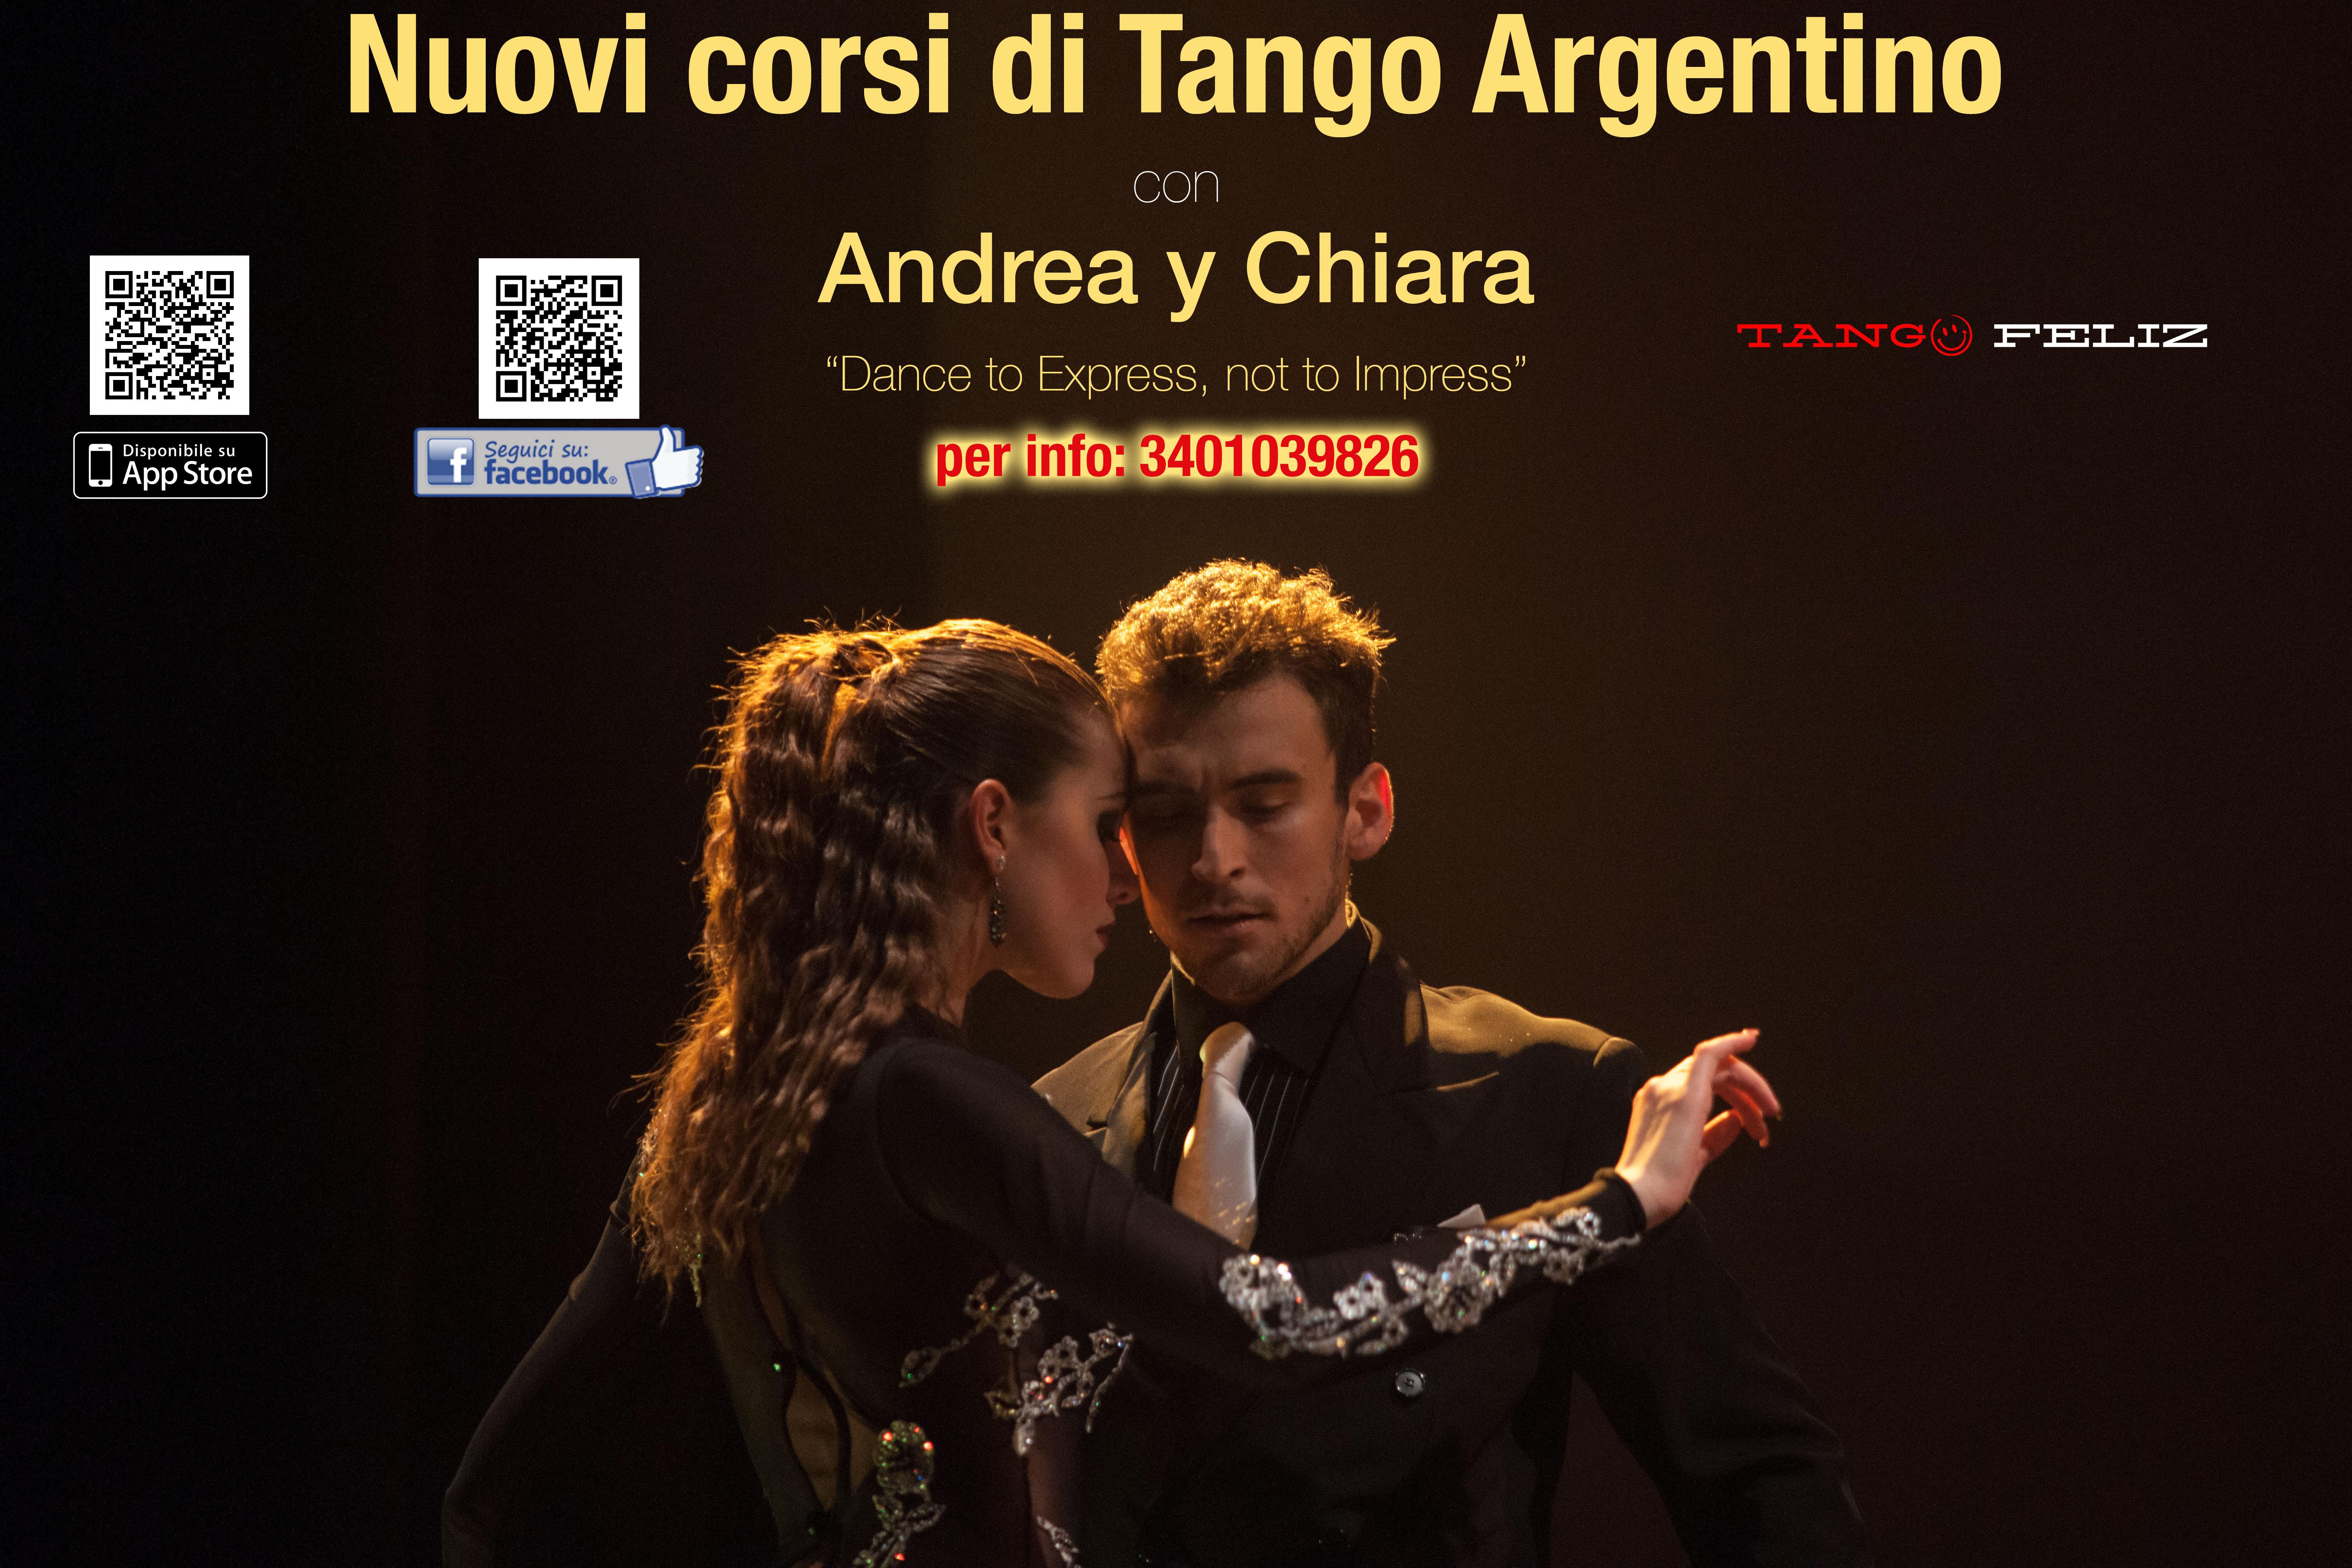 Corsi di Tango a Bologna Andrea Vighi y Chiara Benati